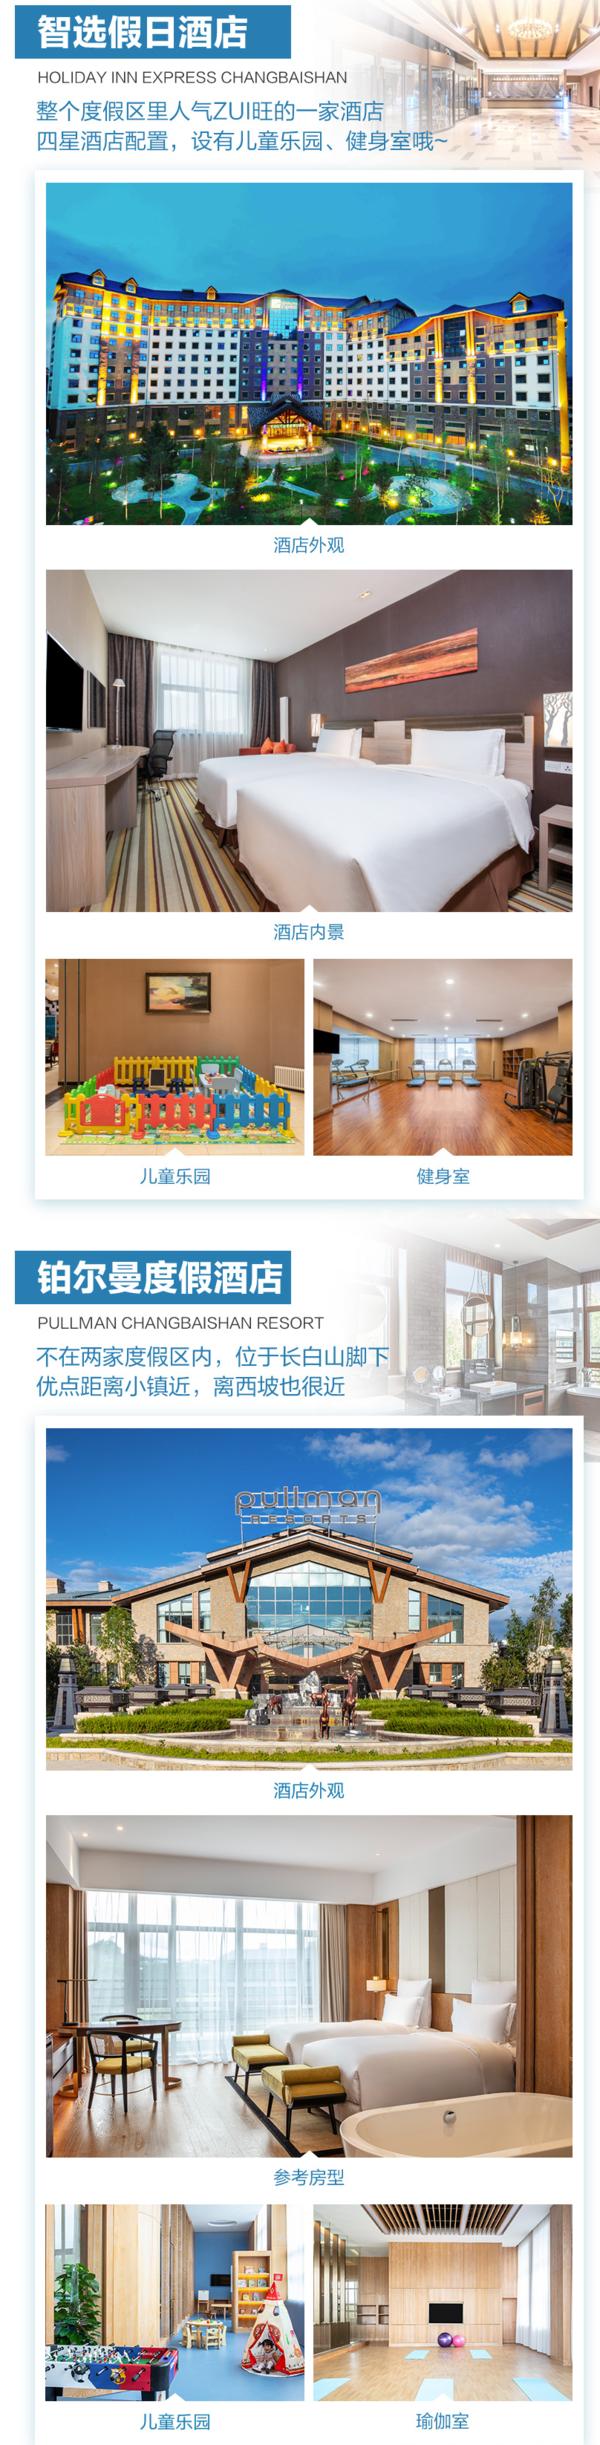 限时补贴最高减600!含暑期!上海-长白山4天3晚自由行(含机票+酒店+接送机)